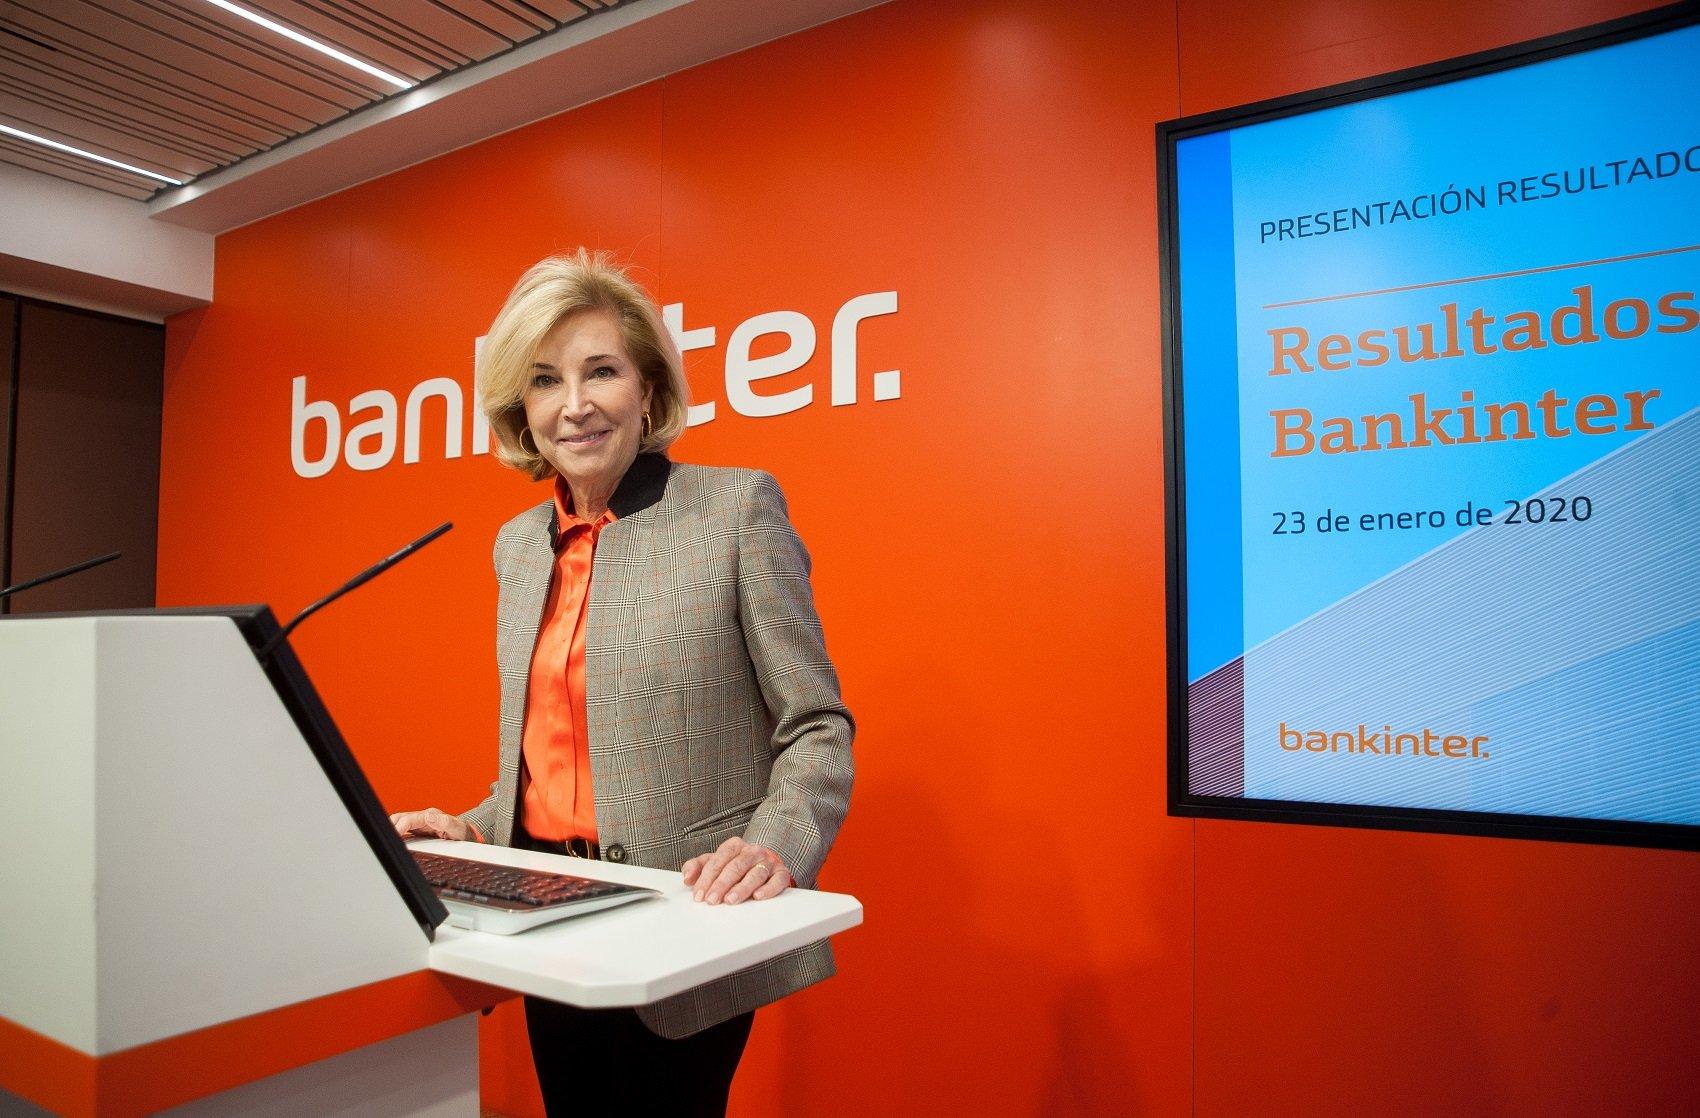 María Dolores Dancausa, CEO de Bankinter, está inquieta por el nuevo Gobierno de Pedro y Pablo